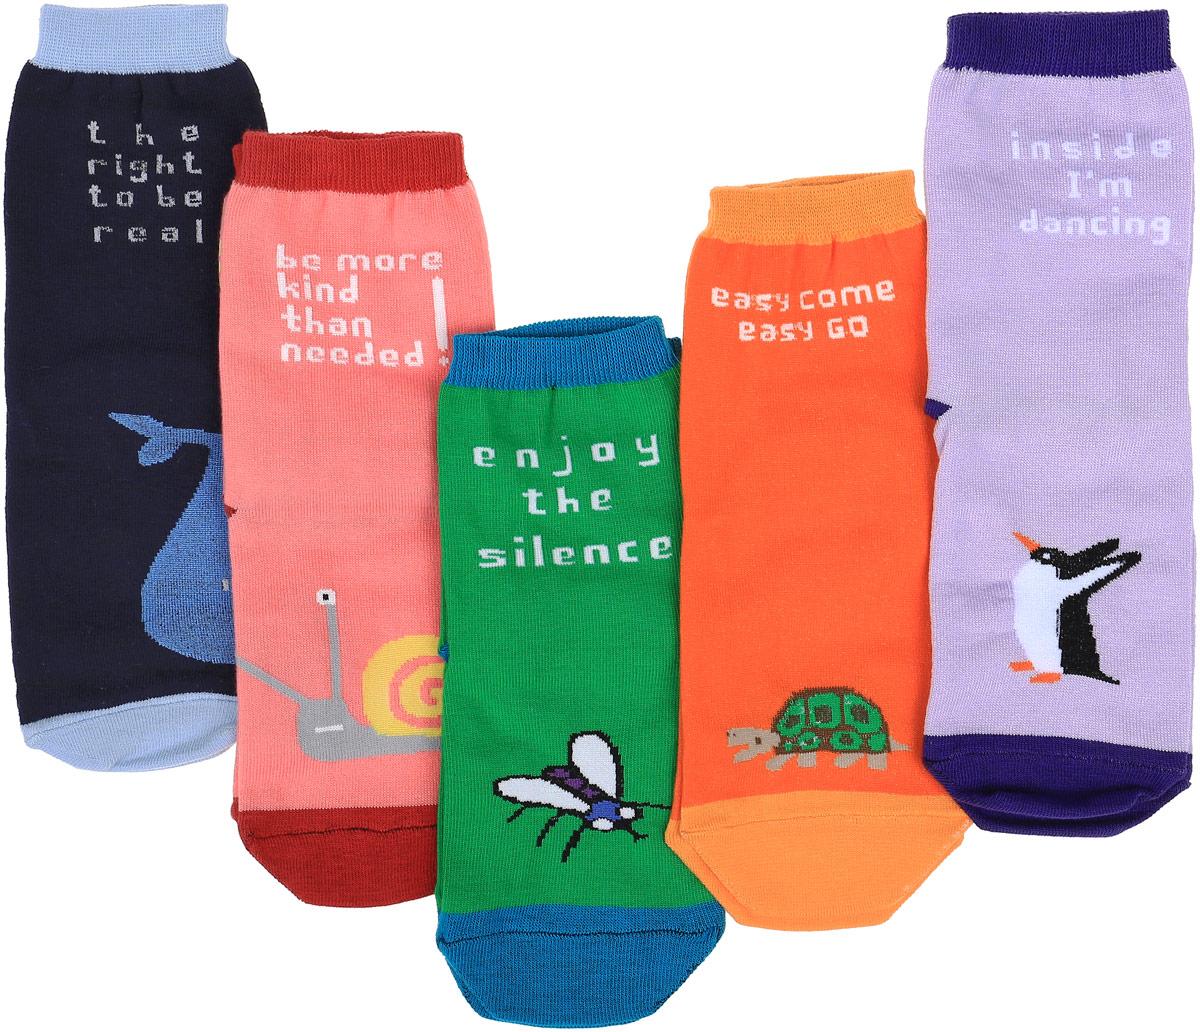 Носки детские Big Bang Socks, цвет: синий, зеленый, оранжевый, розовый, фиолетовый, 5 пар. p01511. Размер 30/34p01511Подарочный набор ярких, оригинальных носков с несимметричными принтами кит, муха, черепашка, улитка, пингвин